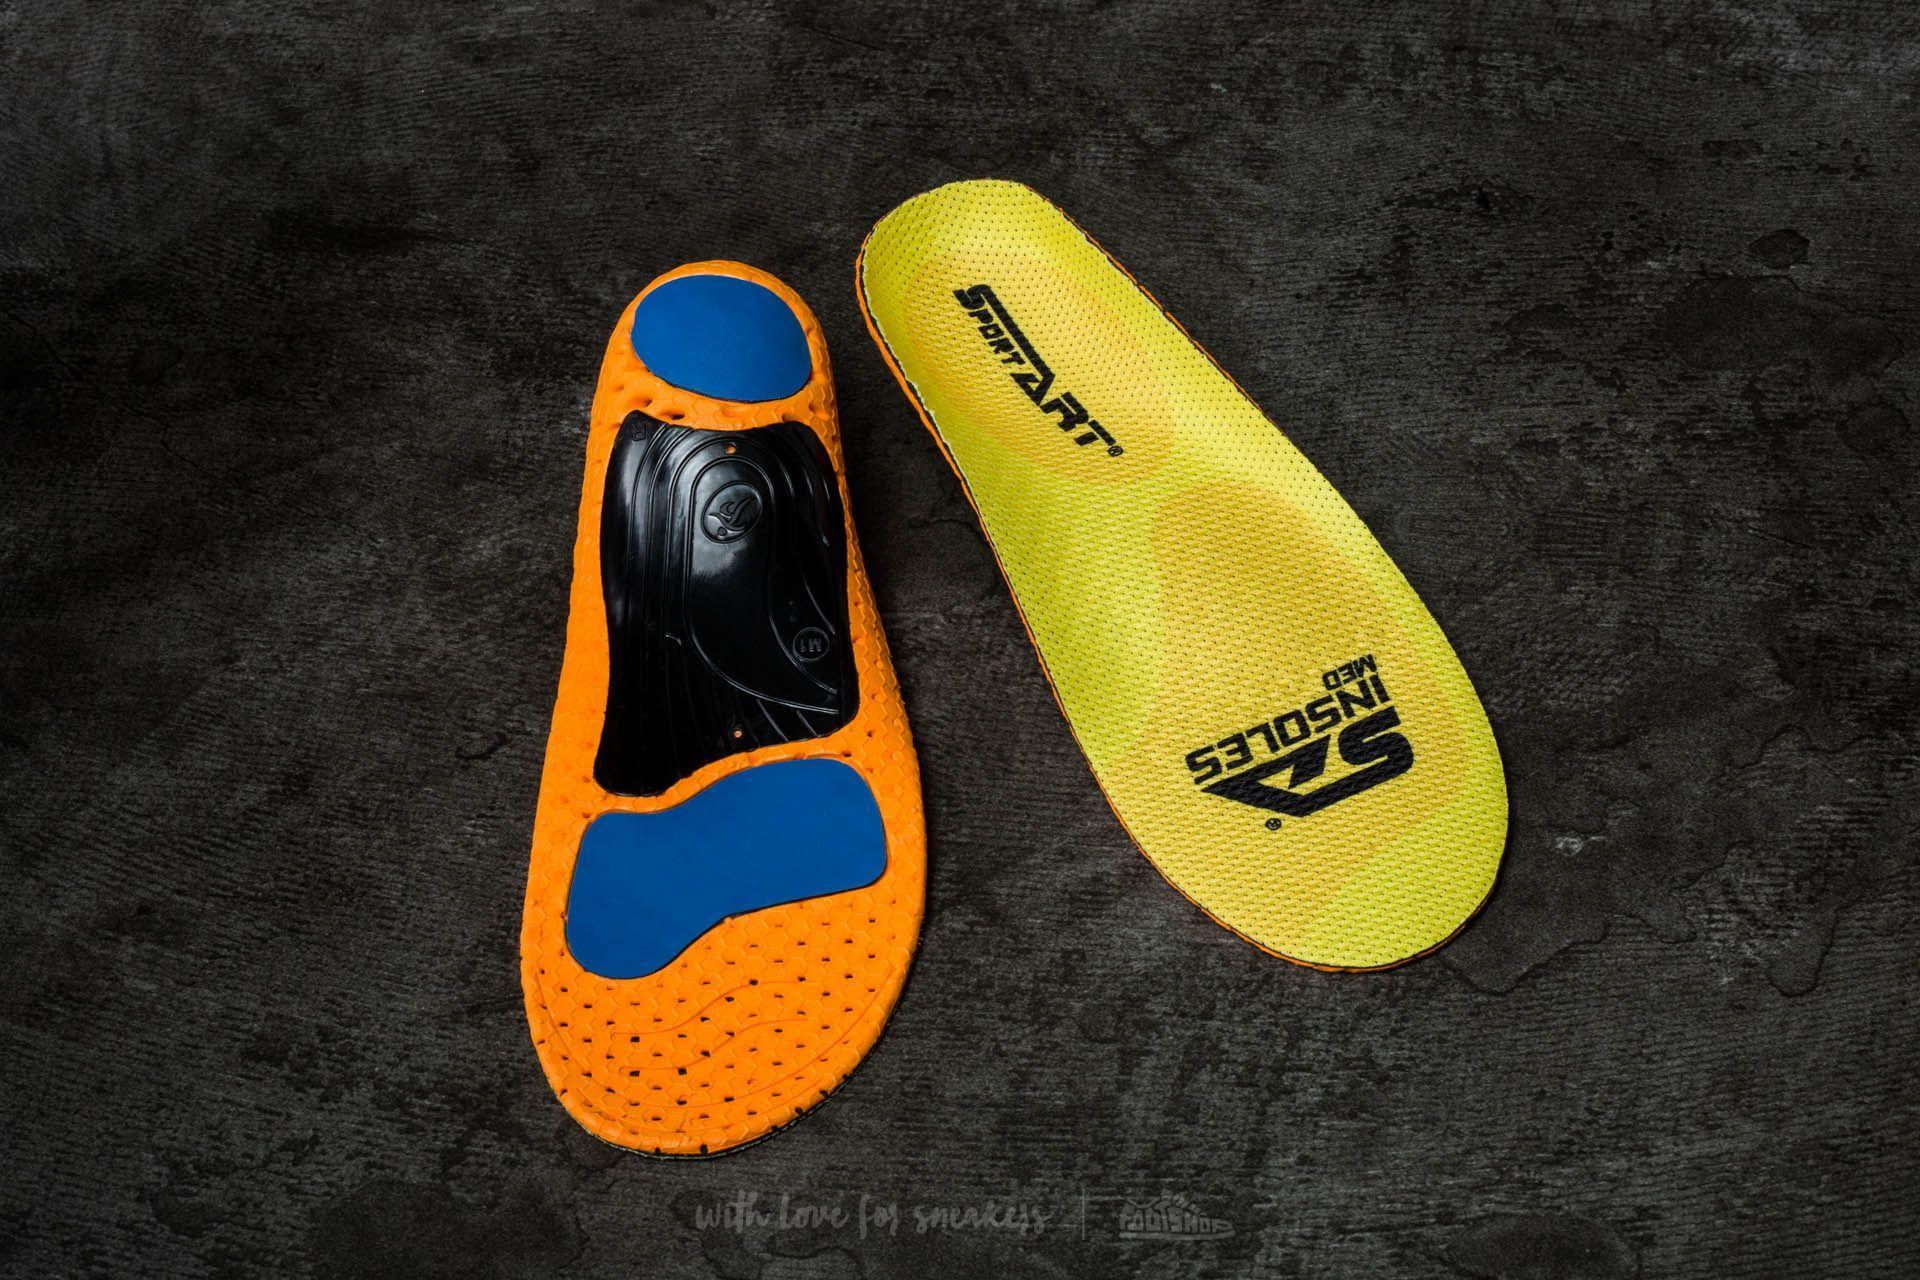 SportART Medium Profile Insole za skvělou cenu 370 Kč koupíte na Footshop.cz